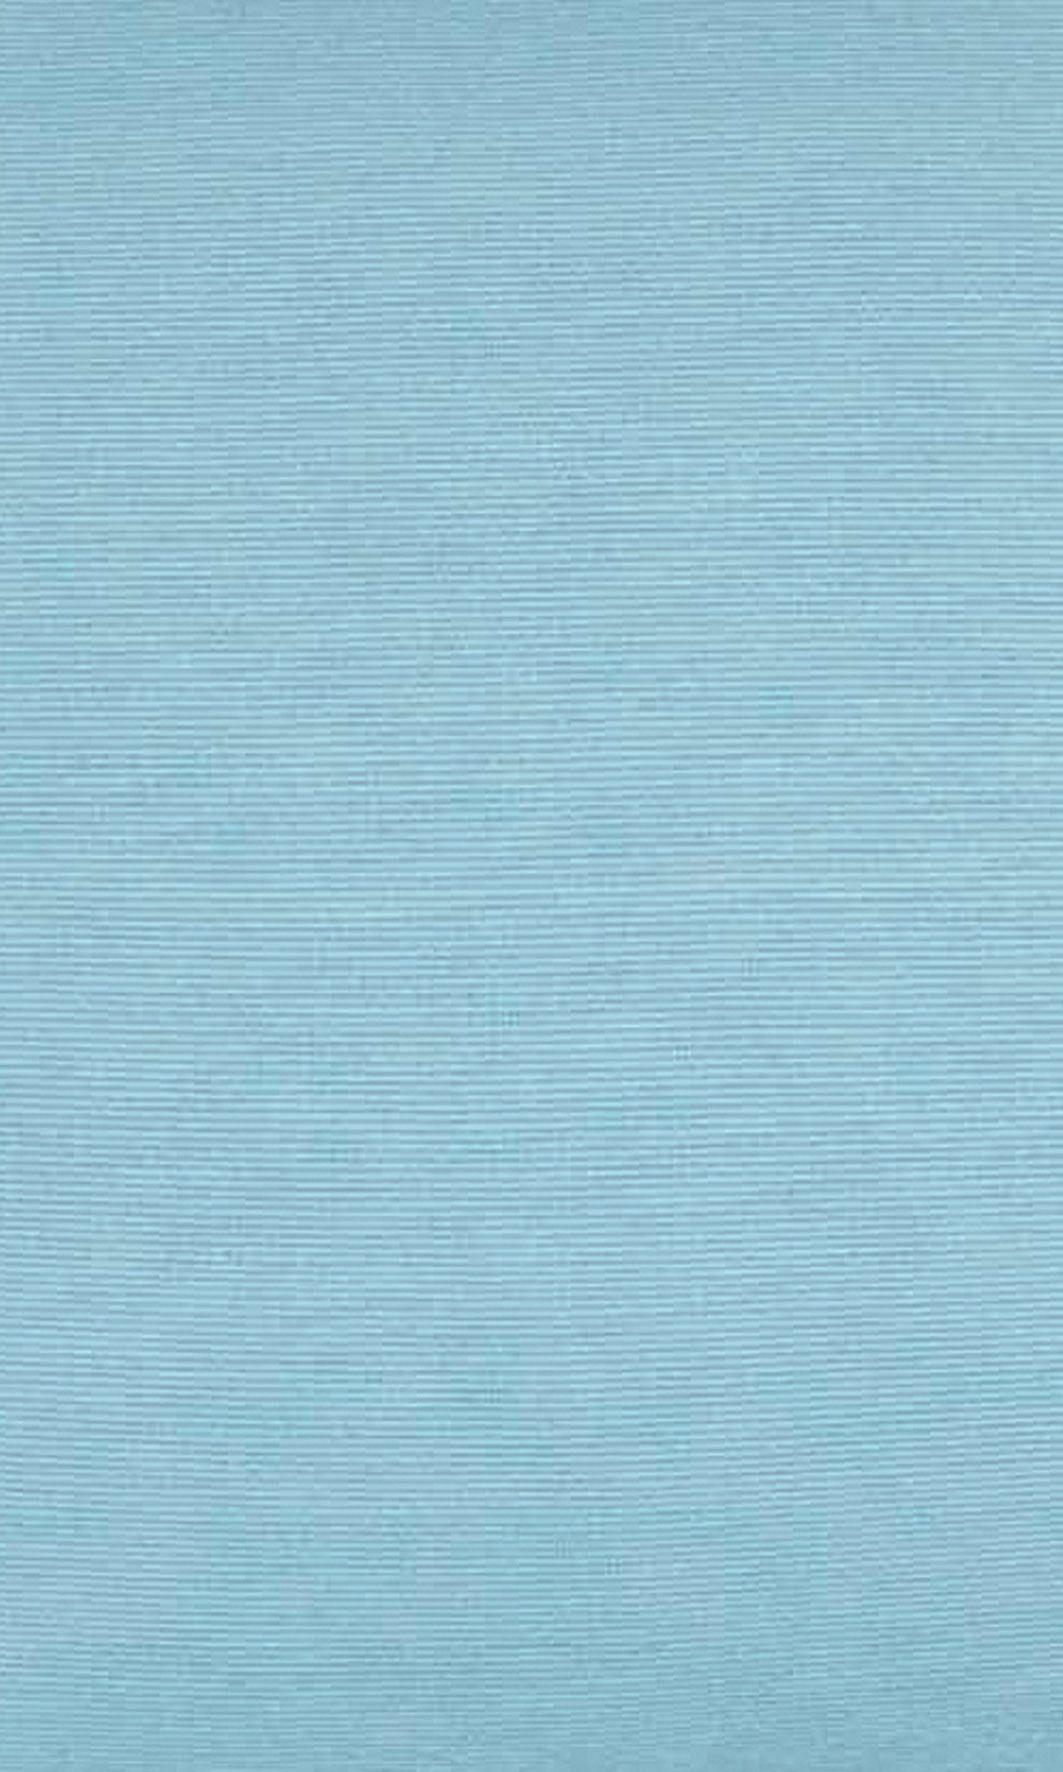 'Yamini Linyanti' Fabric Swatch